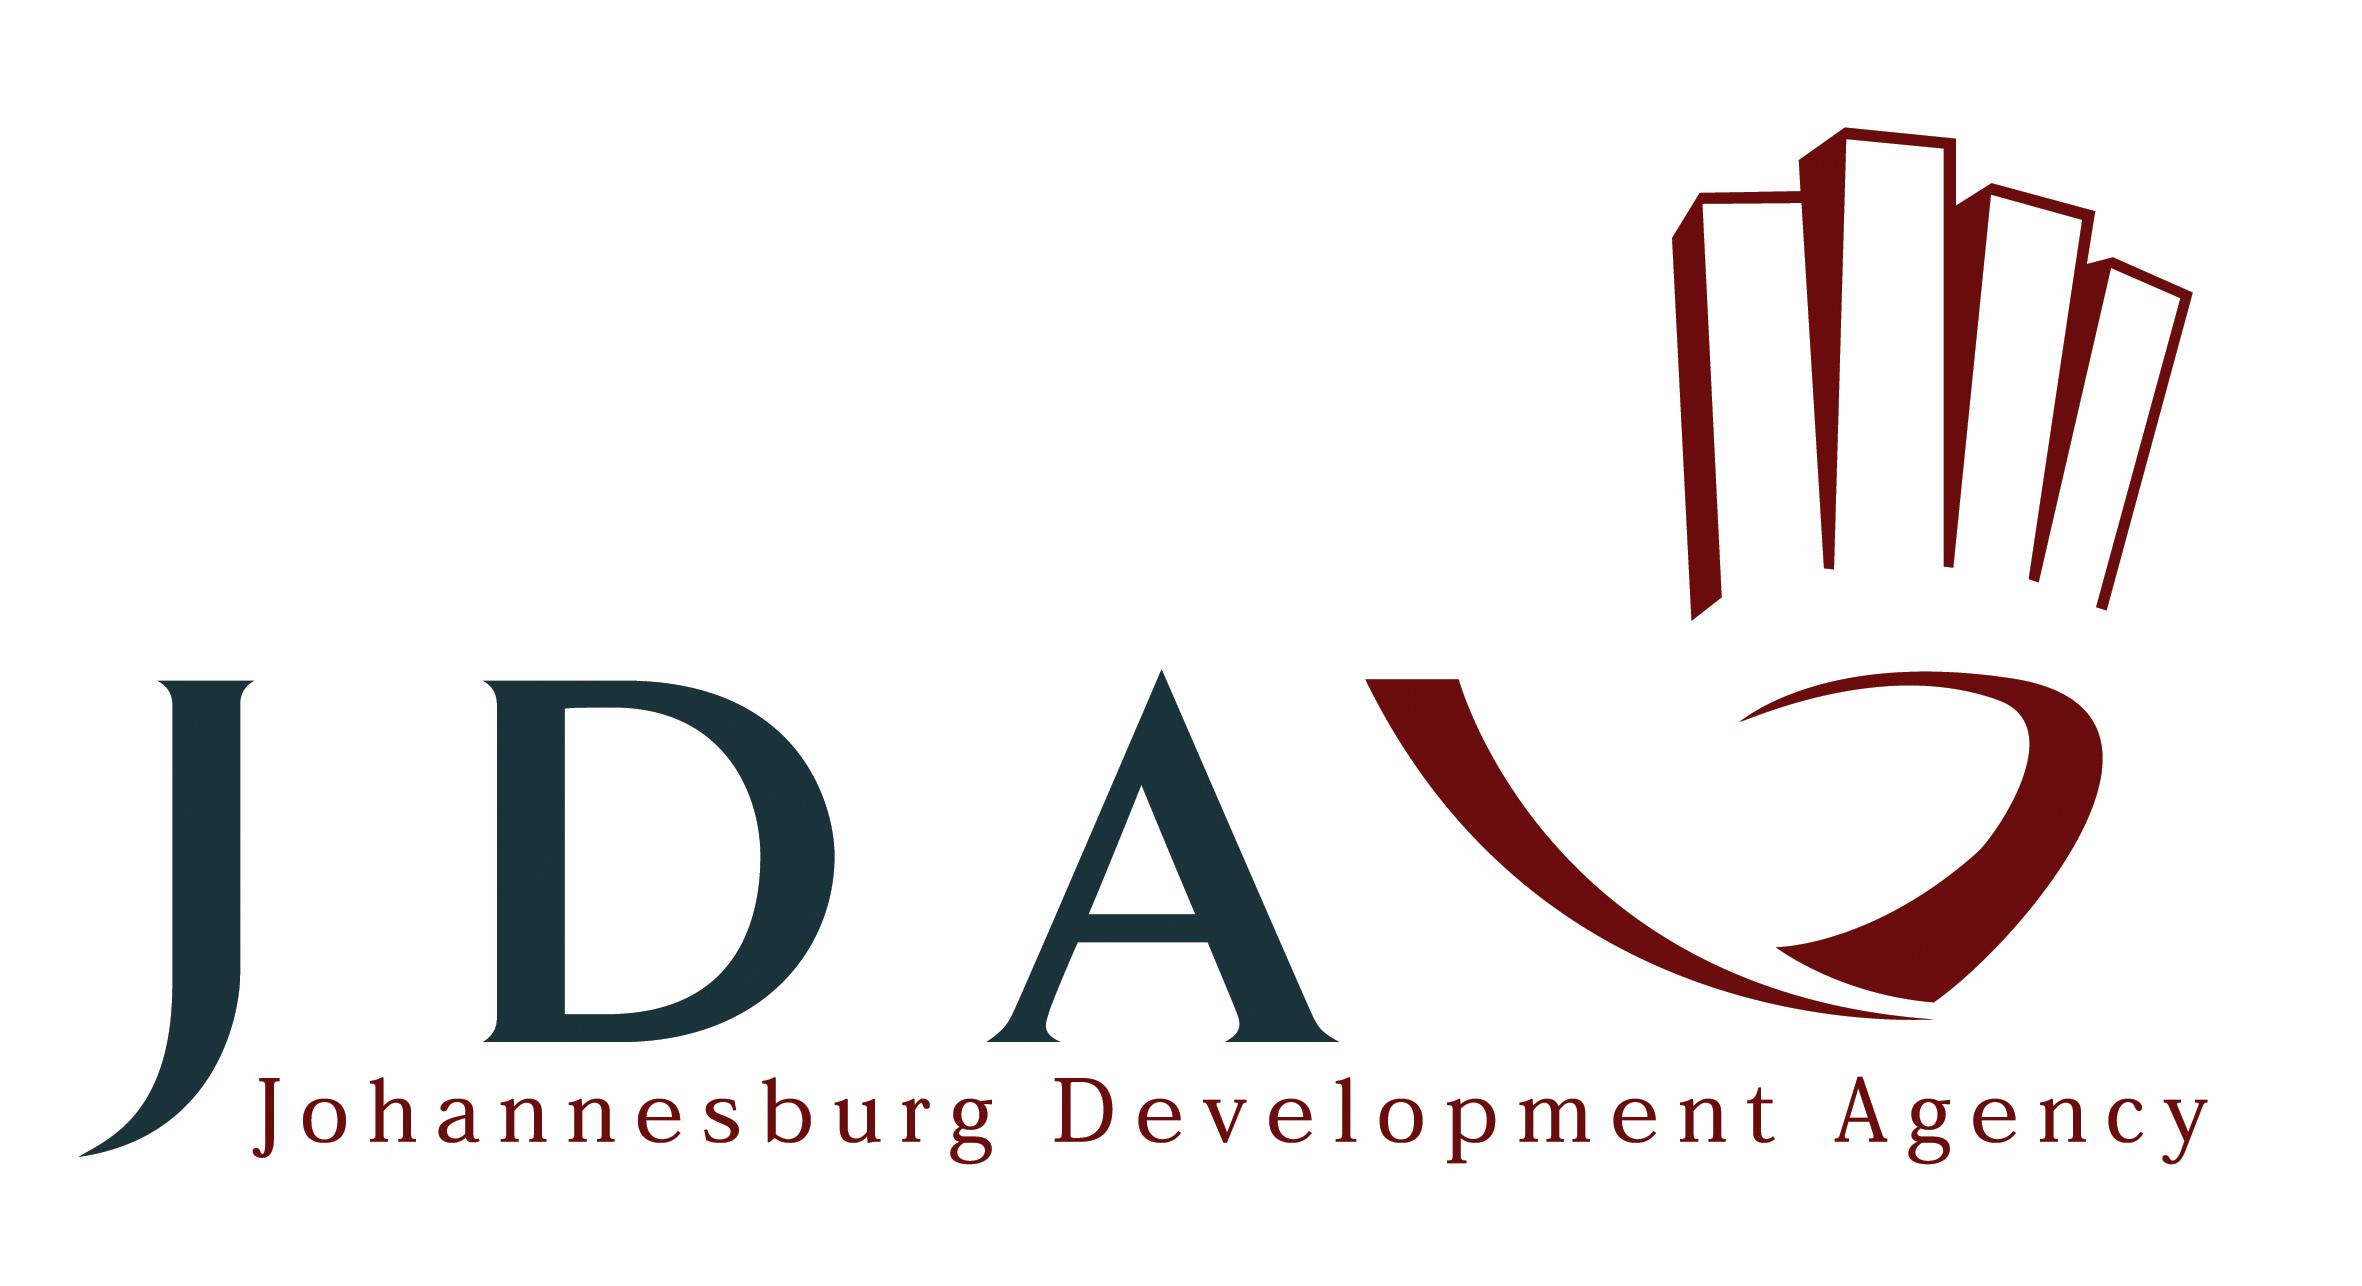 Johannesburg Development Agency.jpg